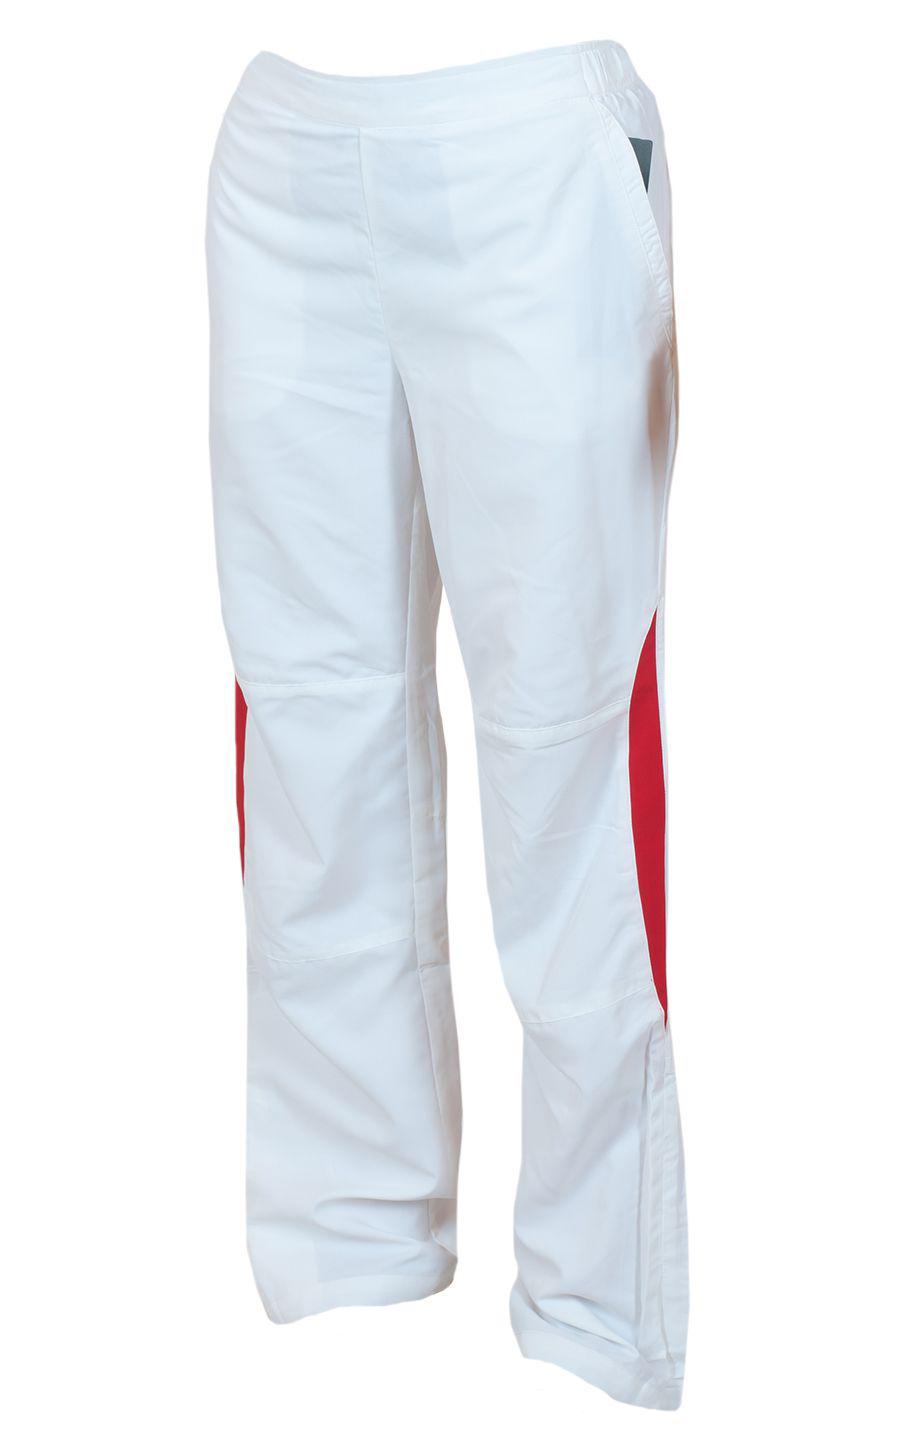 Белые спортивные брючки для девушек